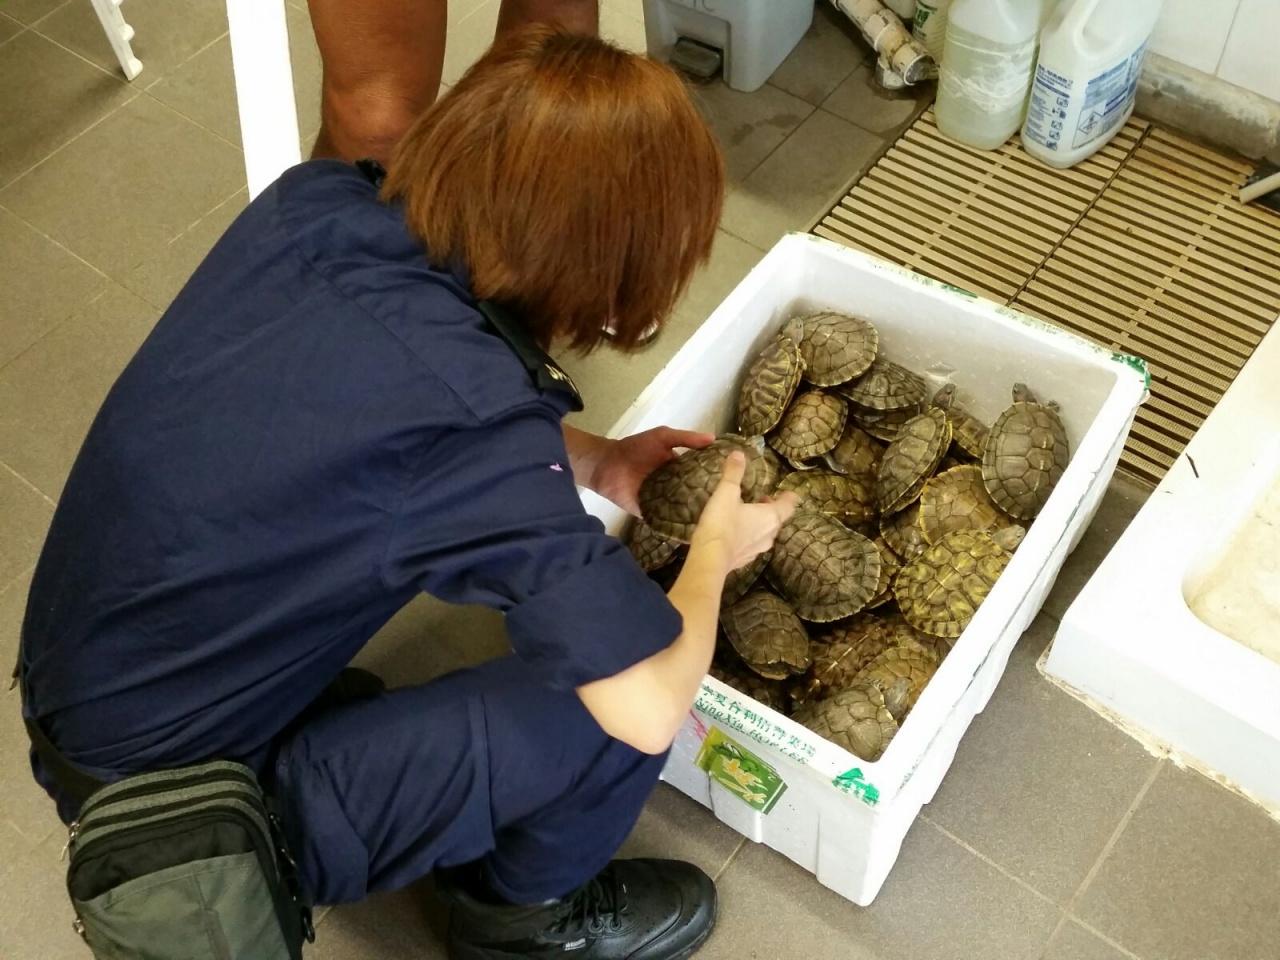 愛護動物協會到場,將48隻由救生員於防鯊網救起的巴西龜,帶回總部檢查及治療。(愛護動物協會)